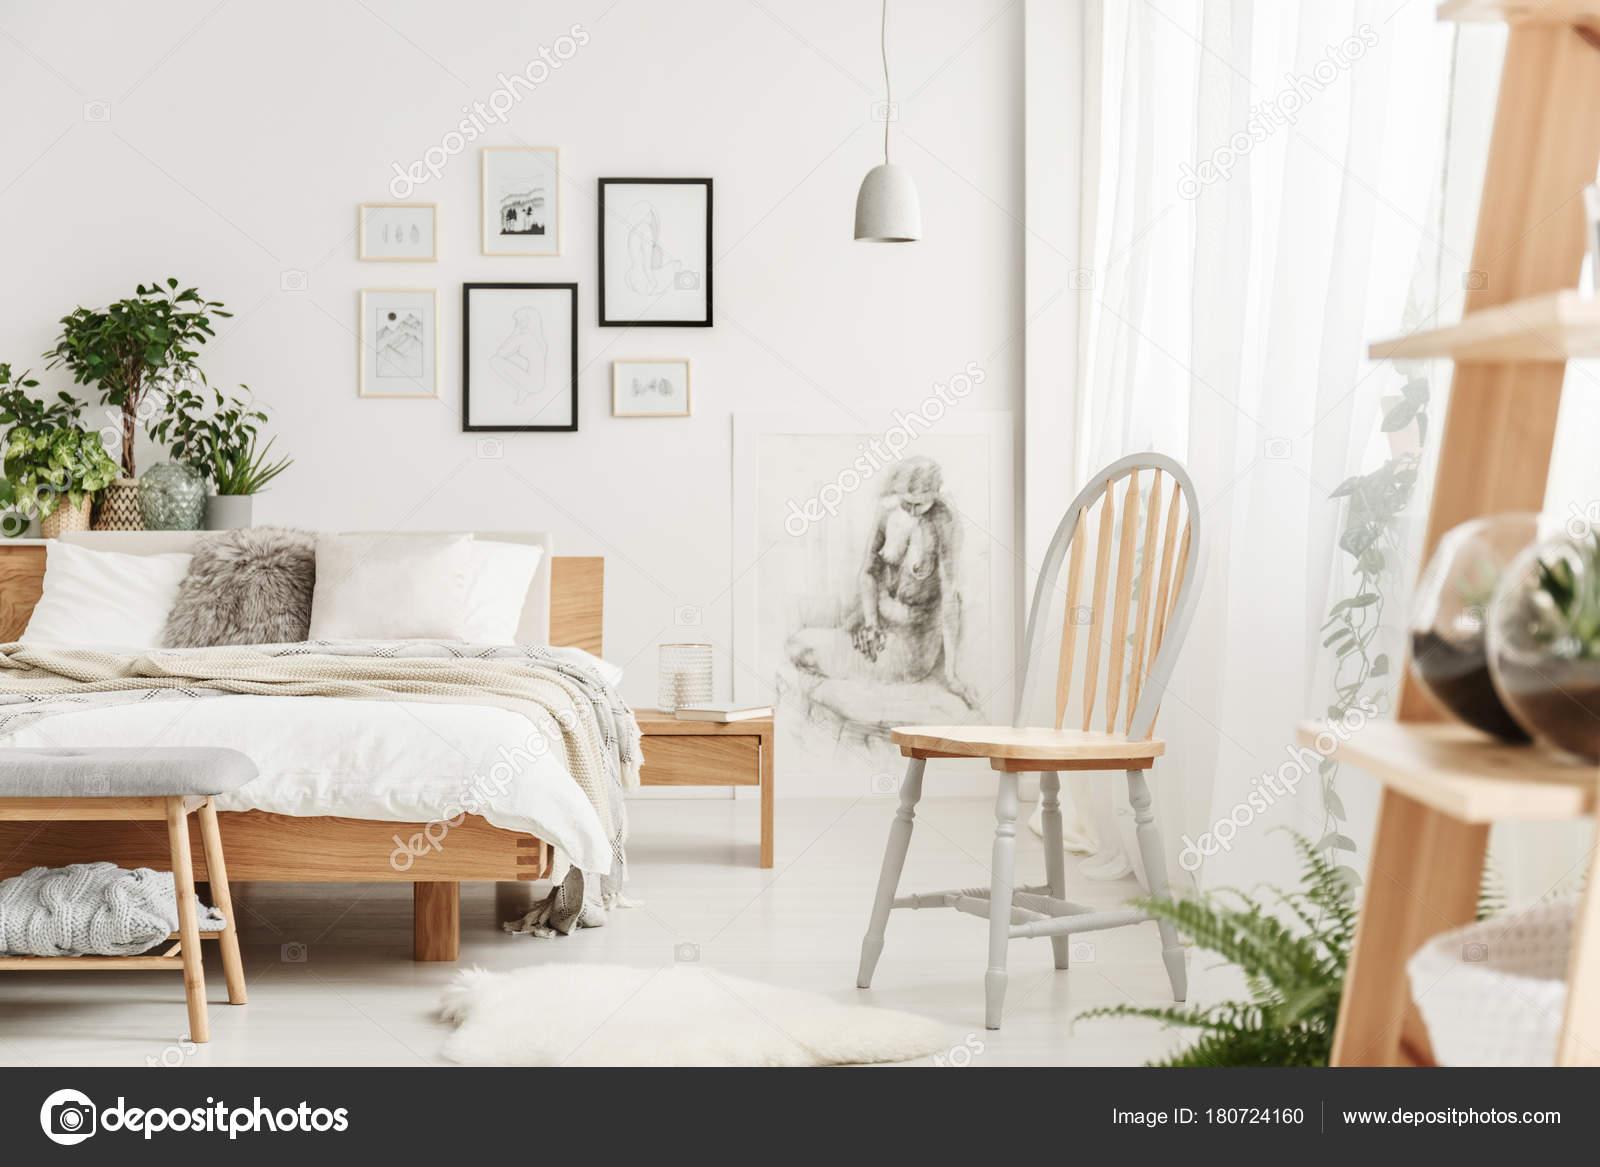 Chaise En Bois Dans La Chambre Naturelle Photographie Photographee